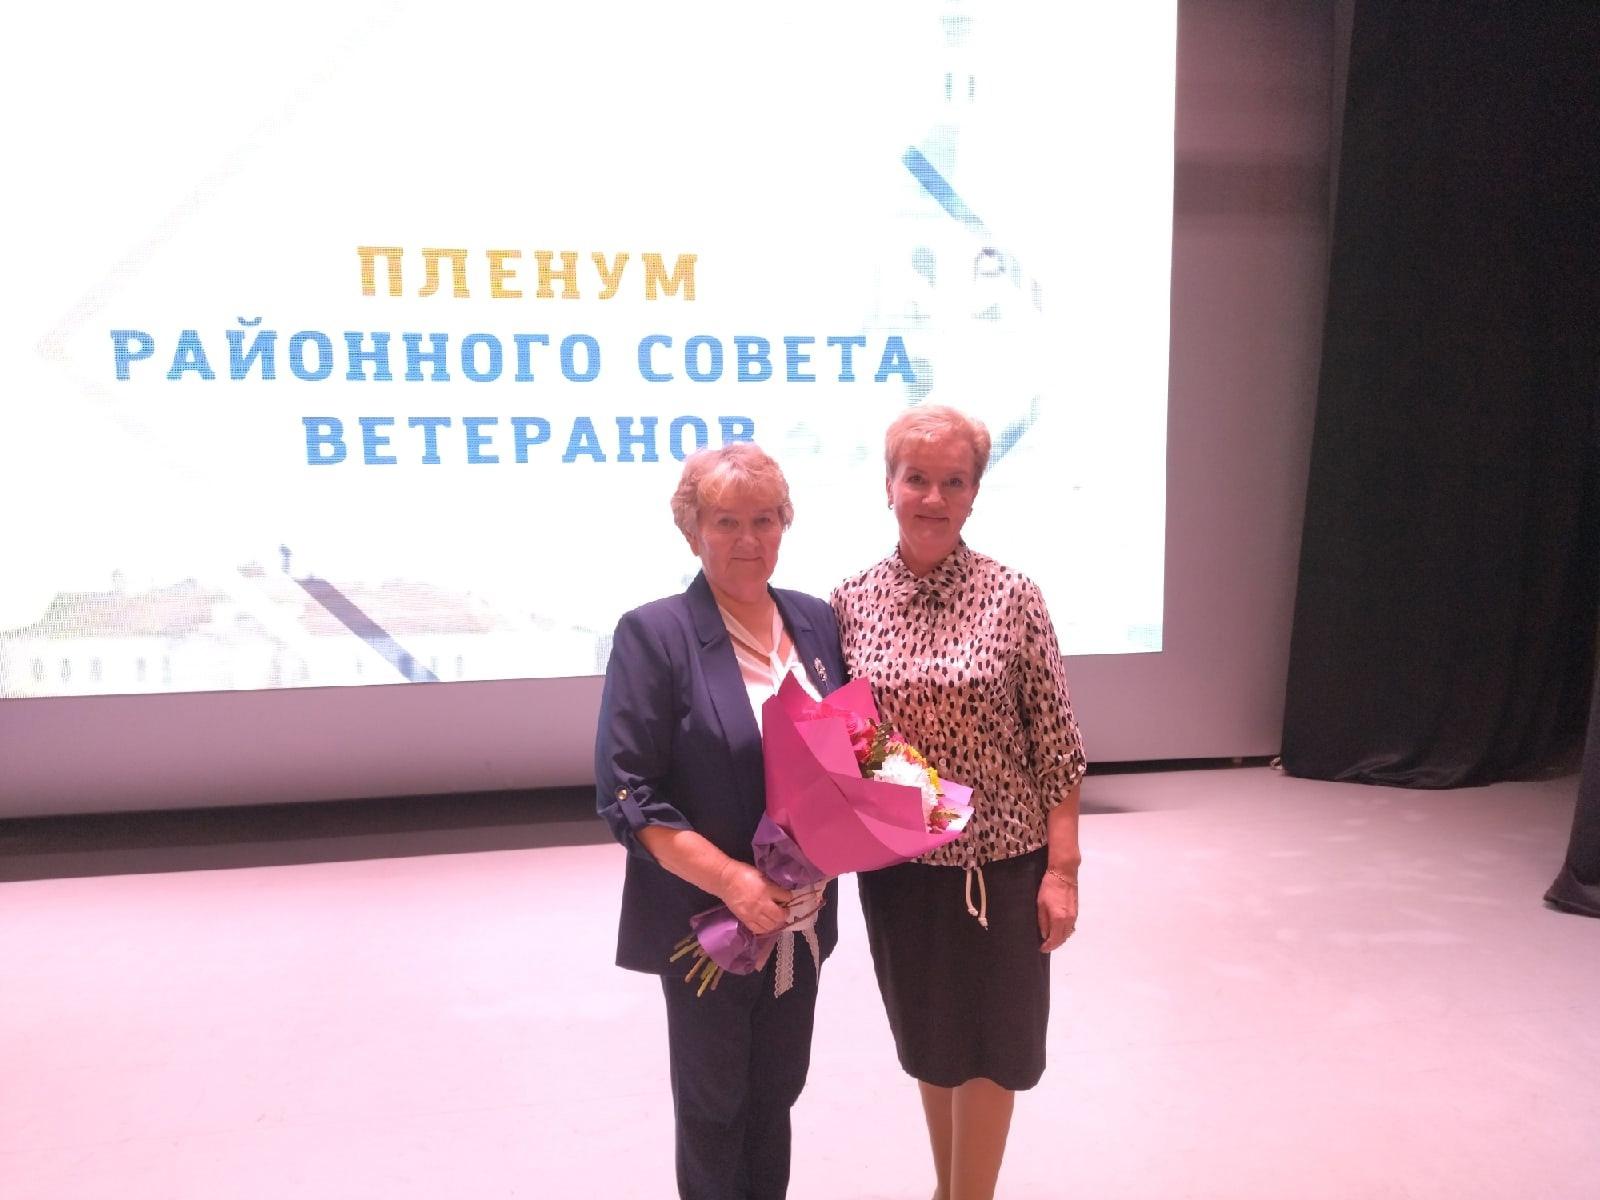 Автор фотографии: Н.А. Левченко